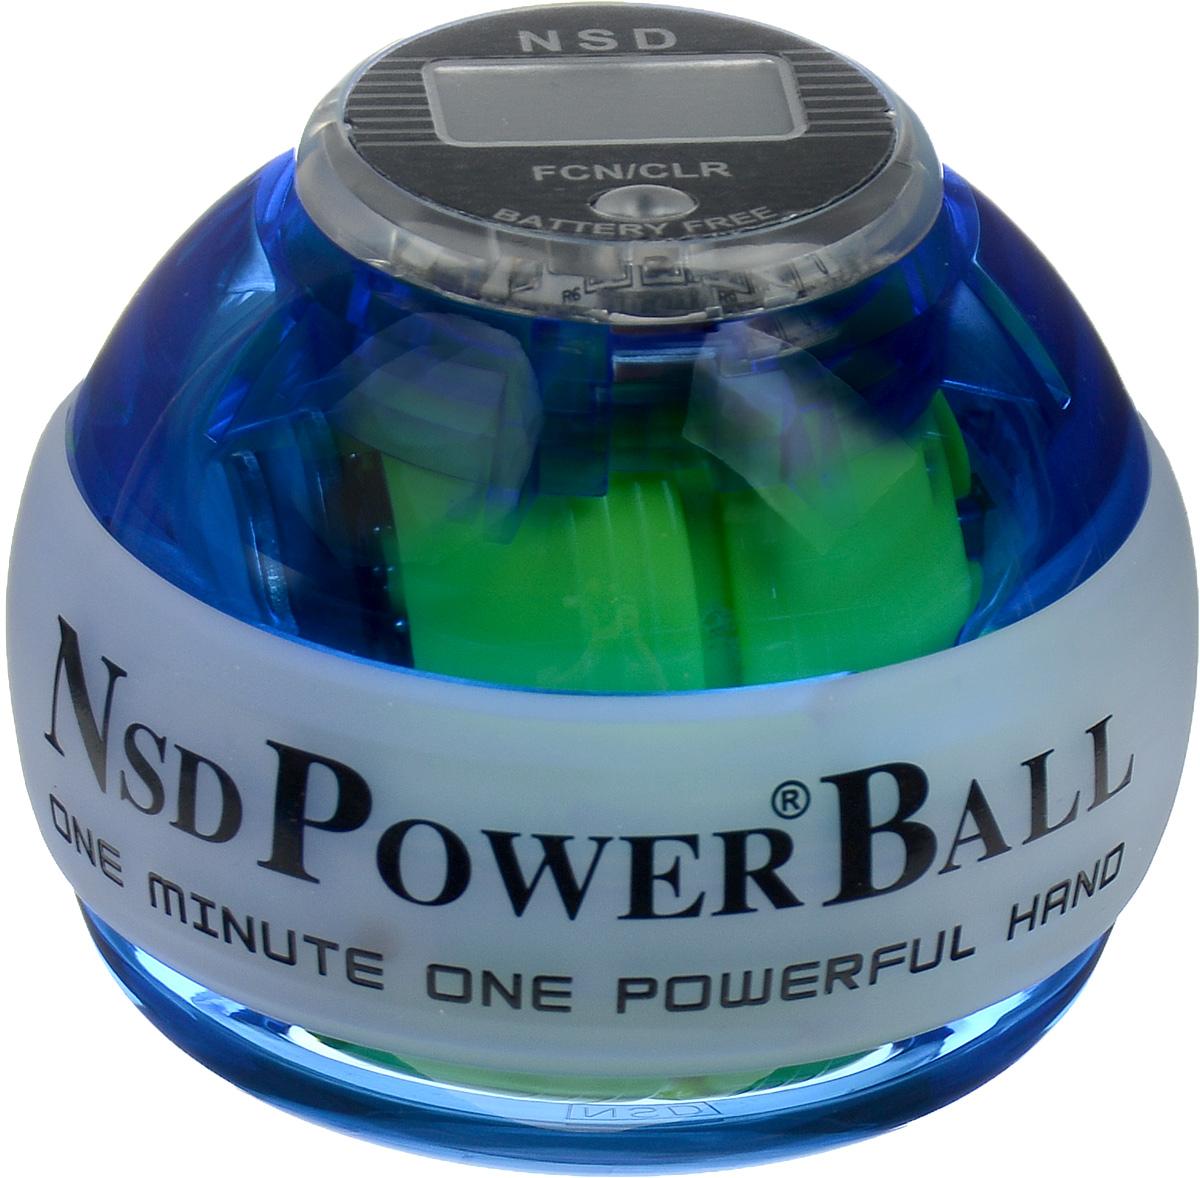 Тренажер кистевой NSD Power Powerball Neon Pro, цвет: синий40162Кистевой тренажер NSD Power Powerball Neon Pro - новая модель cсчетчиком и подсветкой. Тренажер изготовлен из более прочногоматериала с системой защиты ротора, предотвращающей егоповреждение при падении шара на твердую поверхность. Он будетслужить вам очень долгое время. Также в эту модель внедрена система сменных колец для быстрогоремонта при повреждении. Новый счетчик со встроеннымгенератором работает без батареек. Прекрасно отрегулированныйротор тренажера с отличным балансом может достигать скоростивращения до 15000 оборотов в минуту. В комплект входят инструкция по использованию и два шнурка дляраскрутки.Стильный тренажер для кисти рук, который можно использовать влюбую свободную минуту. Упражнения, проделываемые регулярно,обеспечат отличную тренировку рук, разработку кисти после травмыу спортсменов и не только. Размер тренажера: 7 х 8 см.